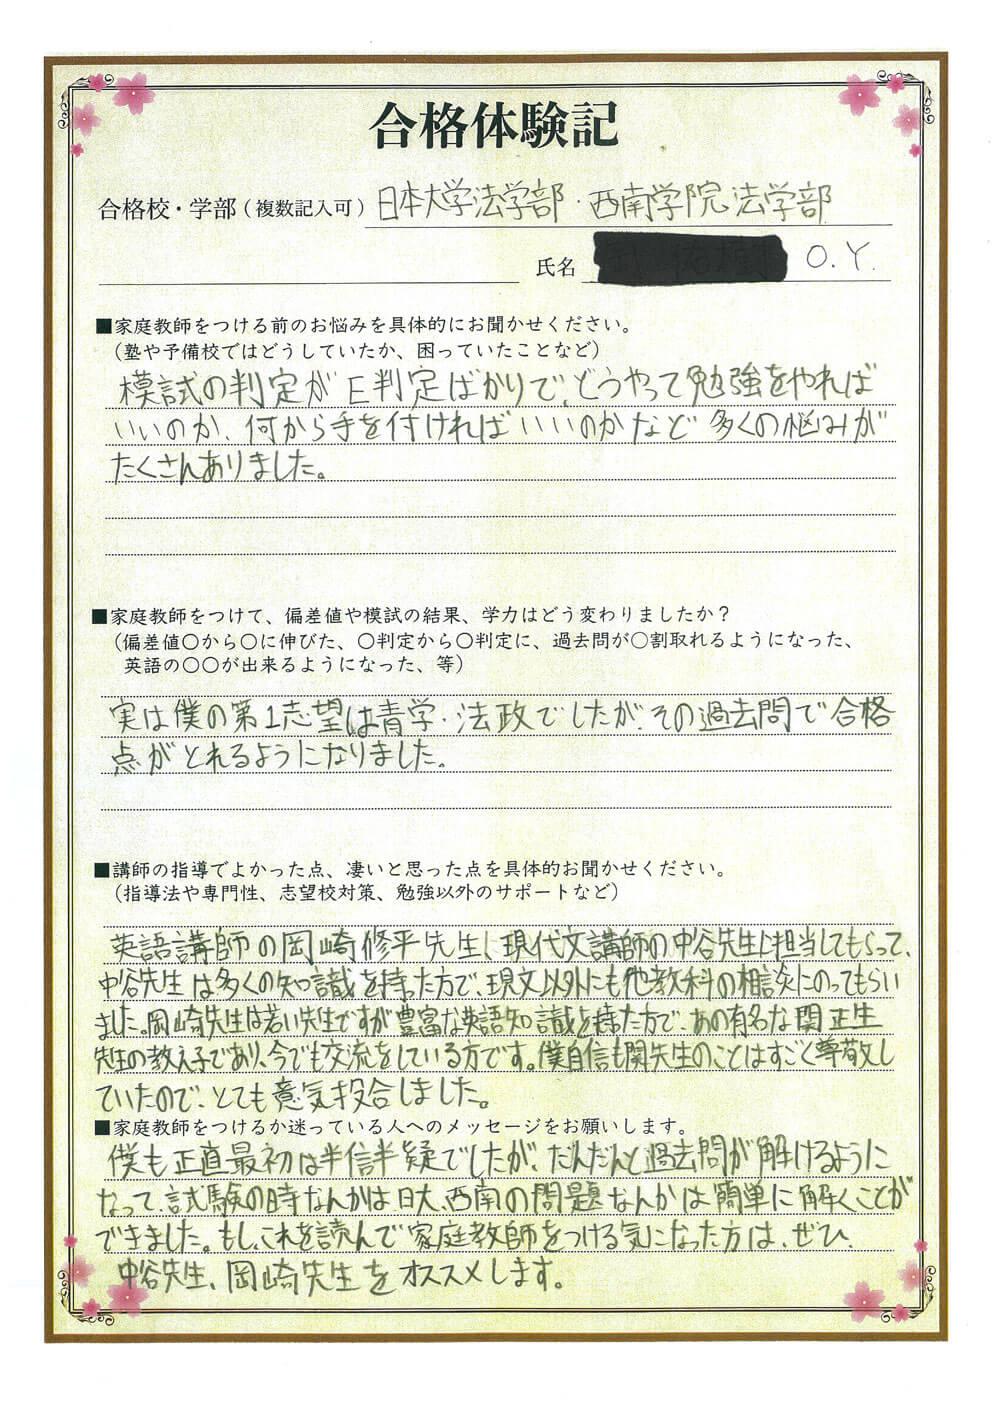 日本大学 応用生物科学科 偏差値